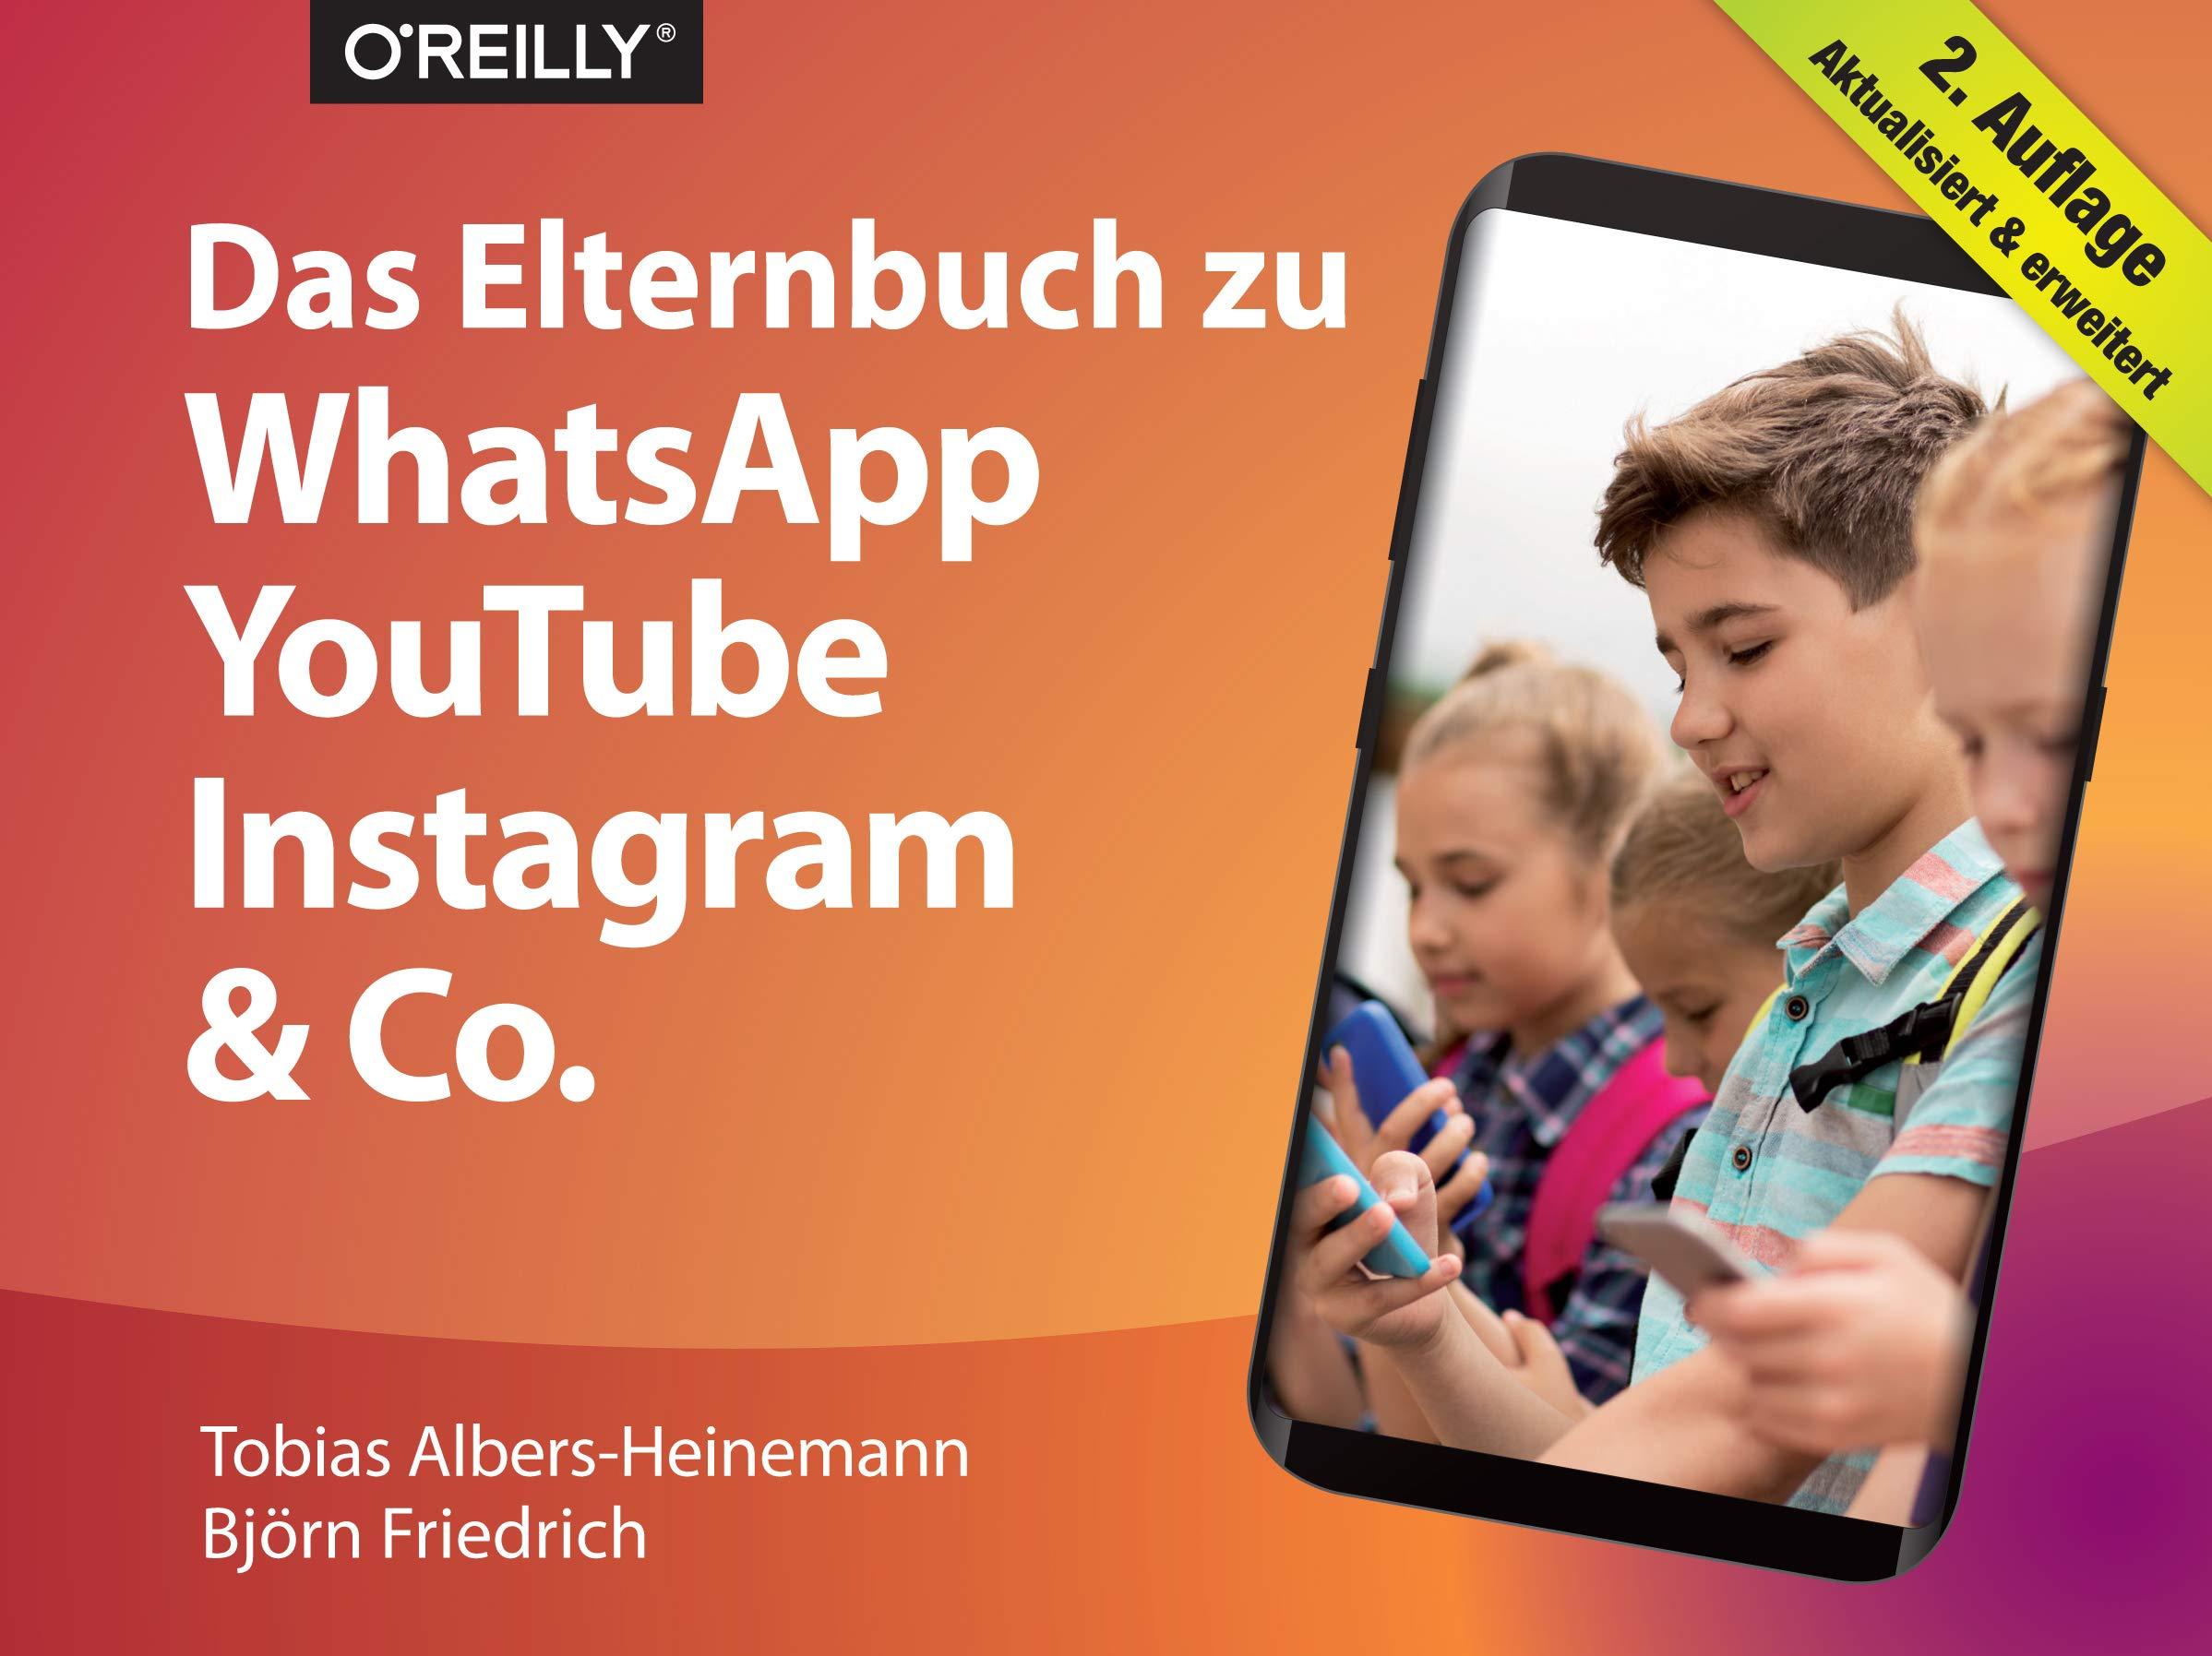 Das Elternbuch zu WhatsApp, YouTube, Instagram & Co.: Amazon.es: Tobias Albers-Heinemann, Björn Friedrich: Libros en idiomas extranjeros